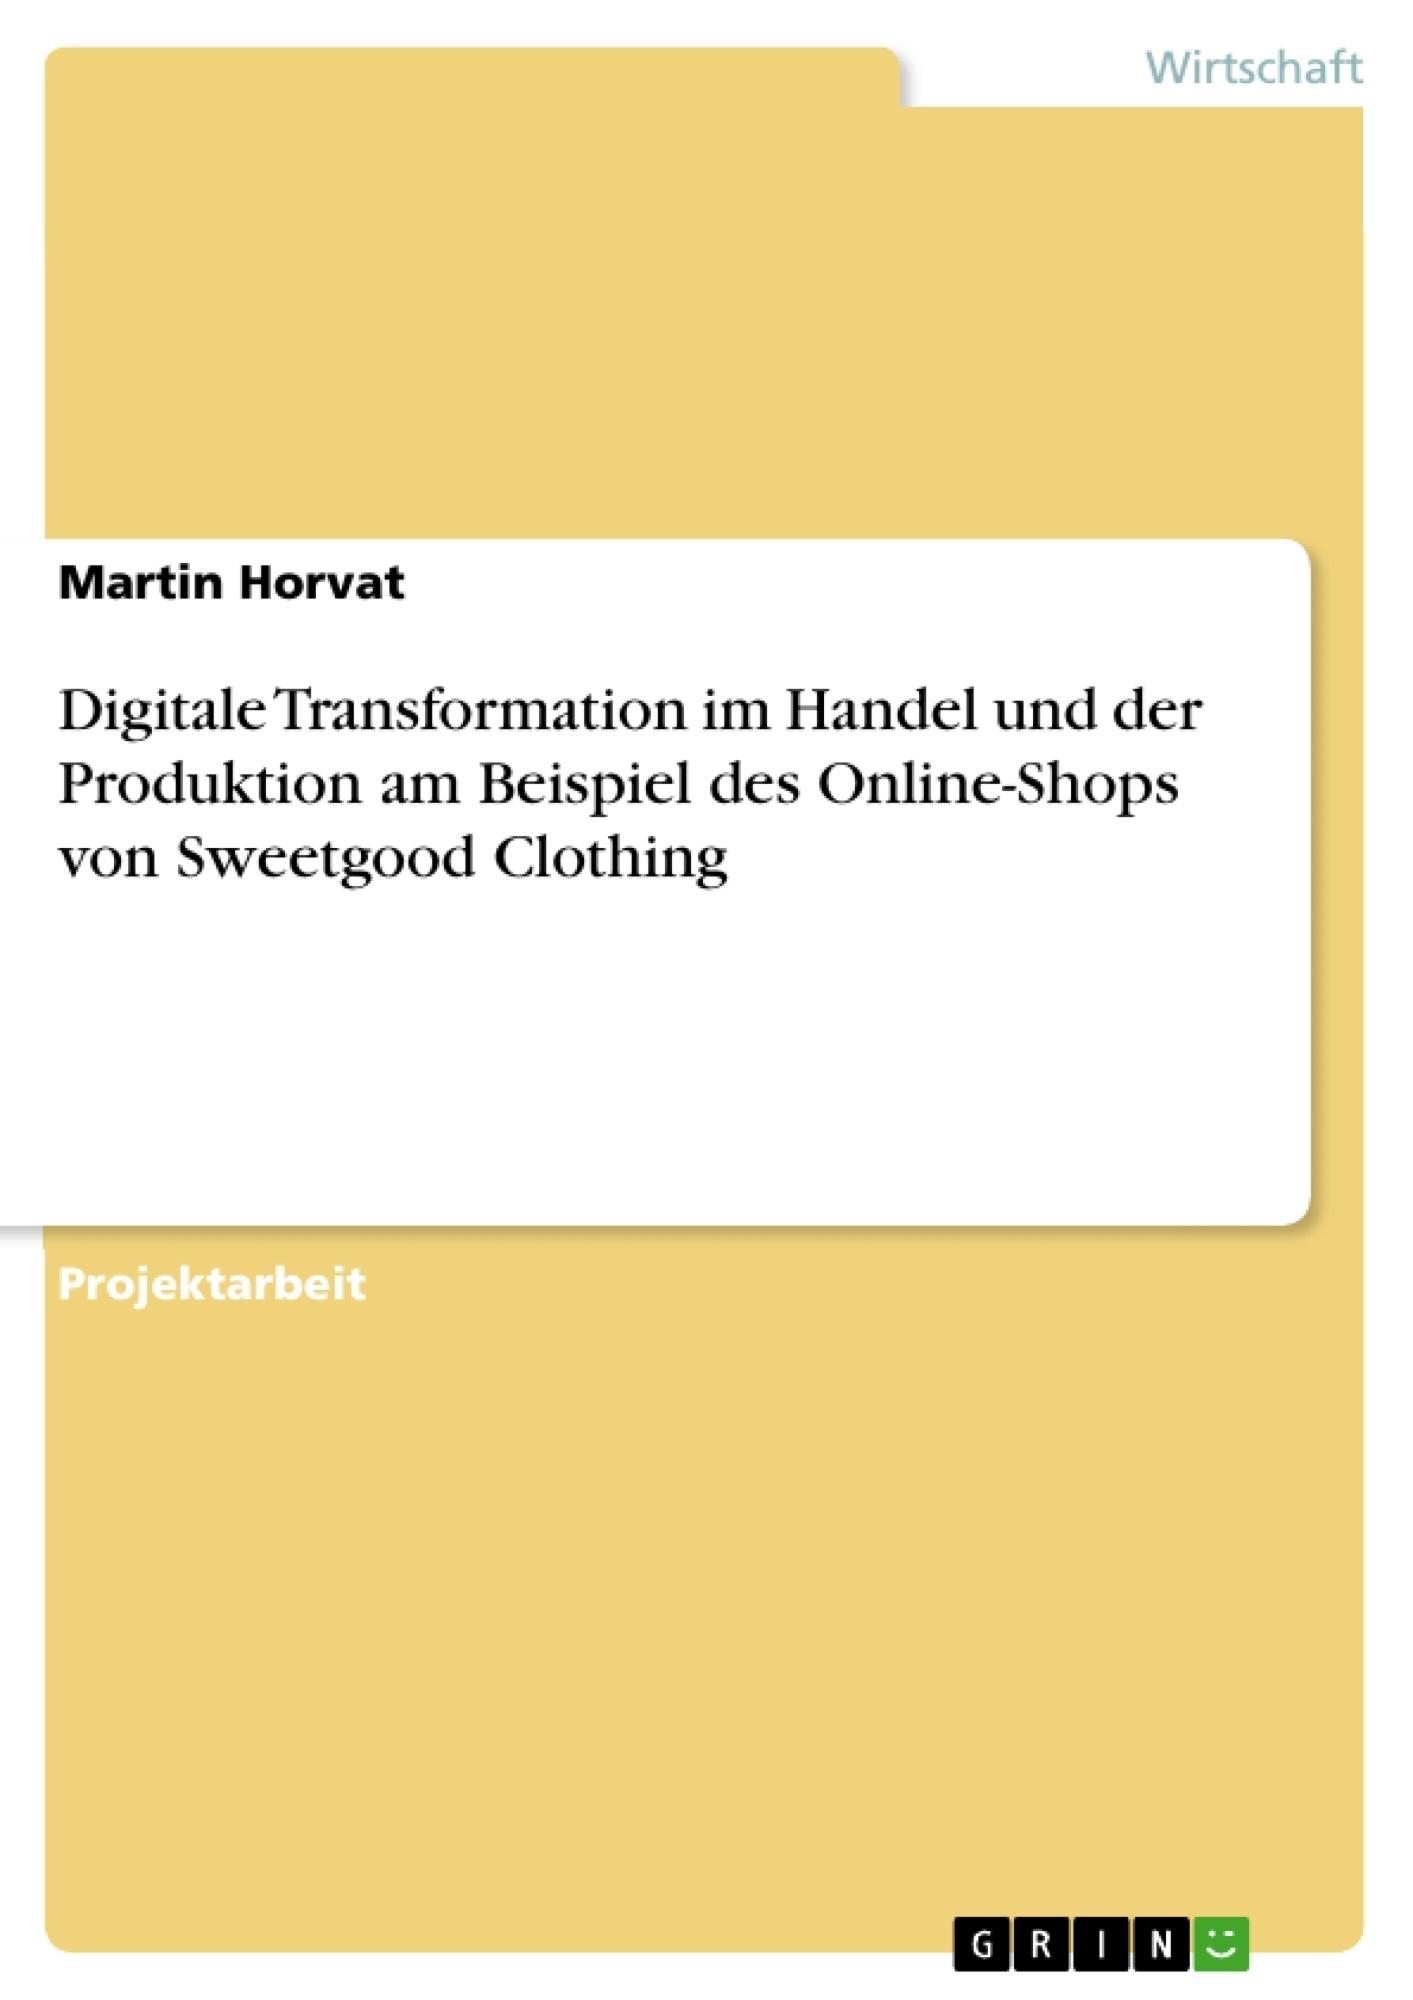 Titel: Digitale Transformation im Handel und der Produktion am Beispiel des Online-Shops von Sweetgood Clothing